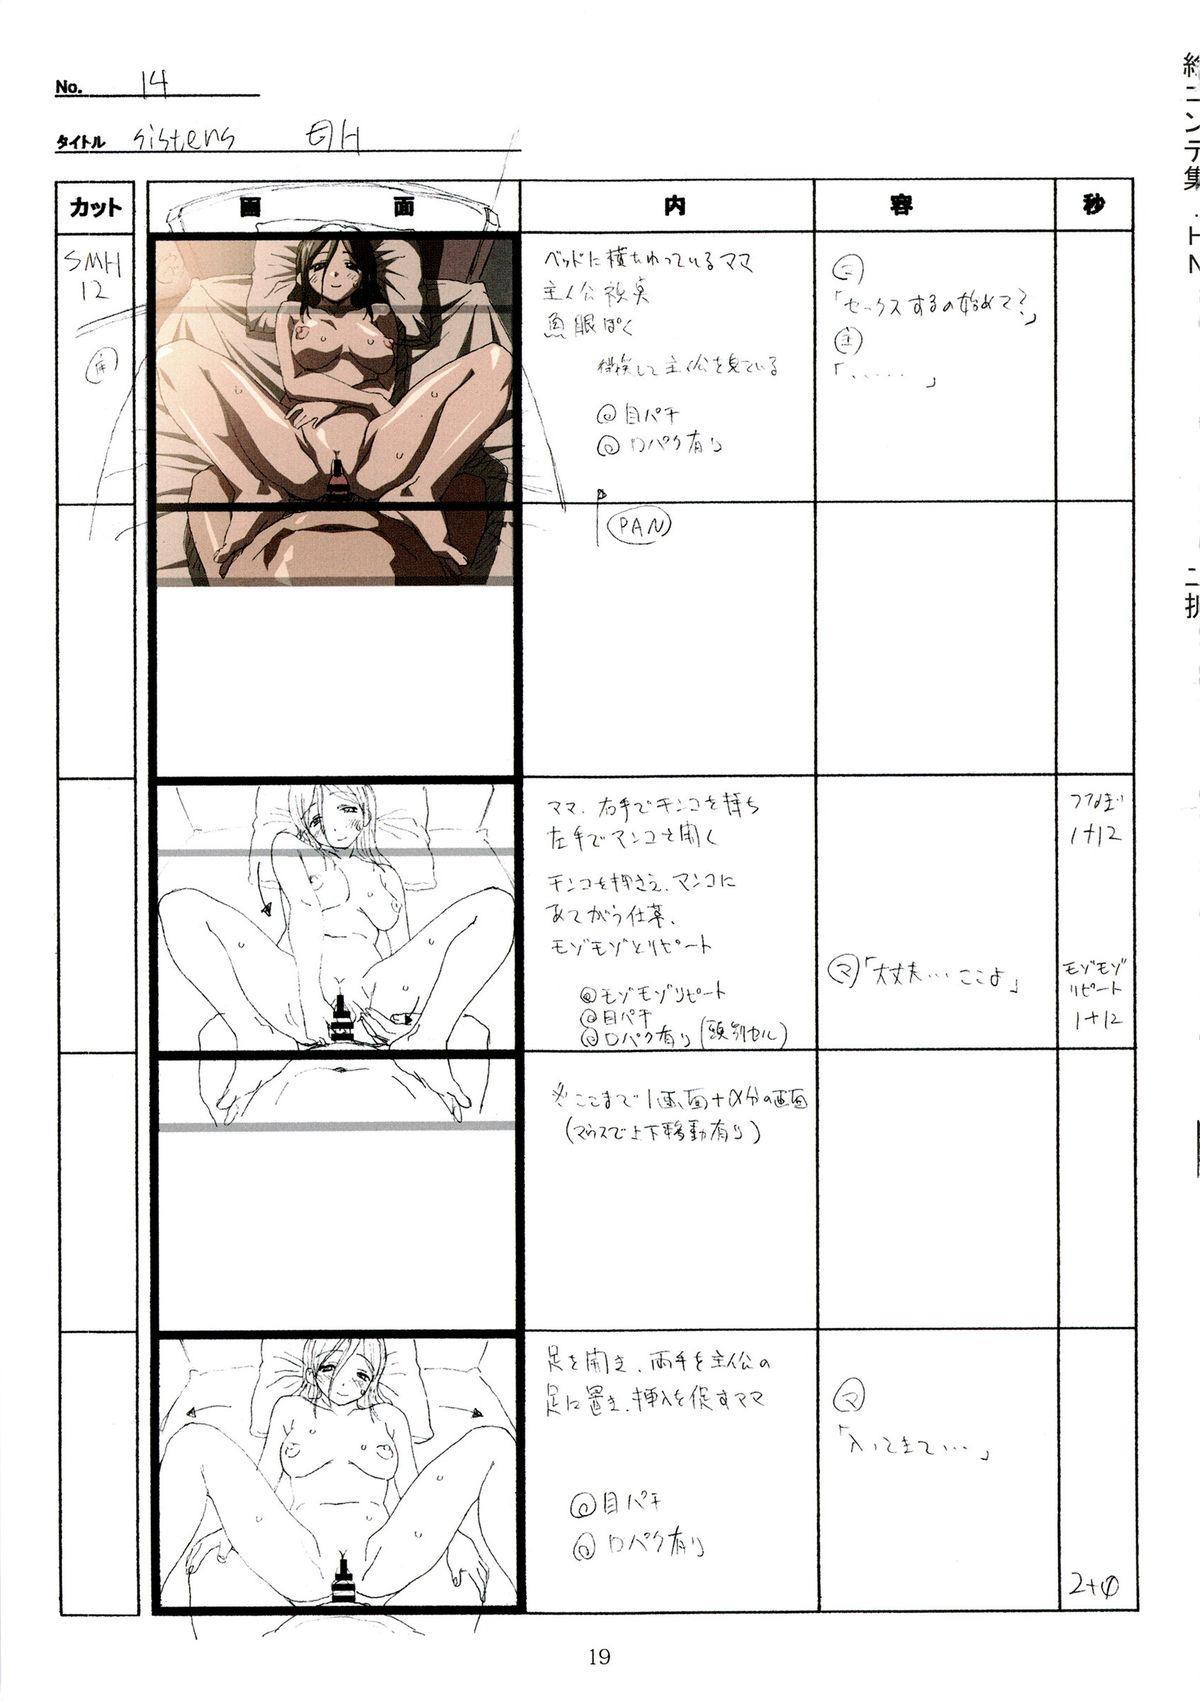 (C89) [Makino Jimusho (Taki Minashika)] SISTERS -Natsu no Saigo no Hi- H Scene All Part Storyboard (SISTERS -Natsu no Saigo no Hi-) 18